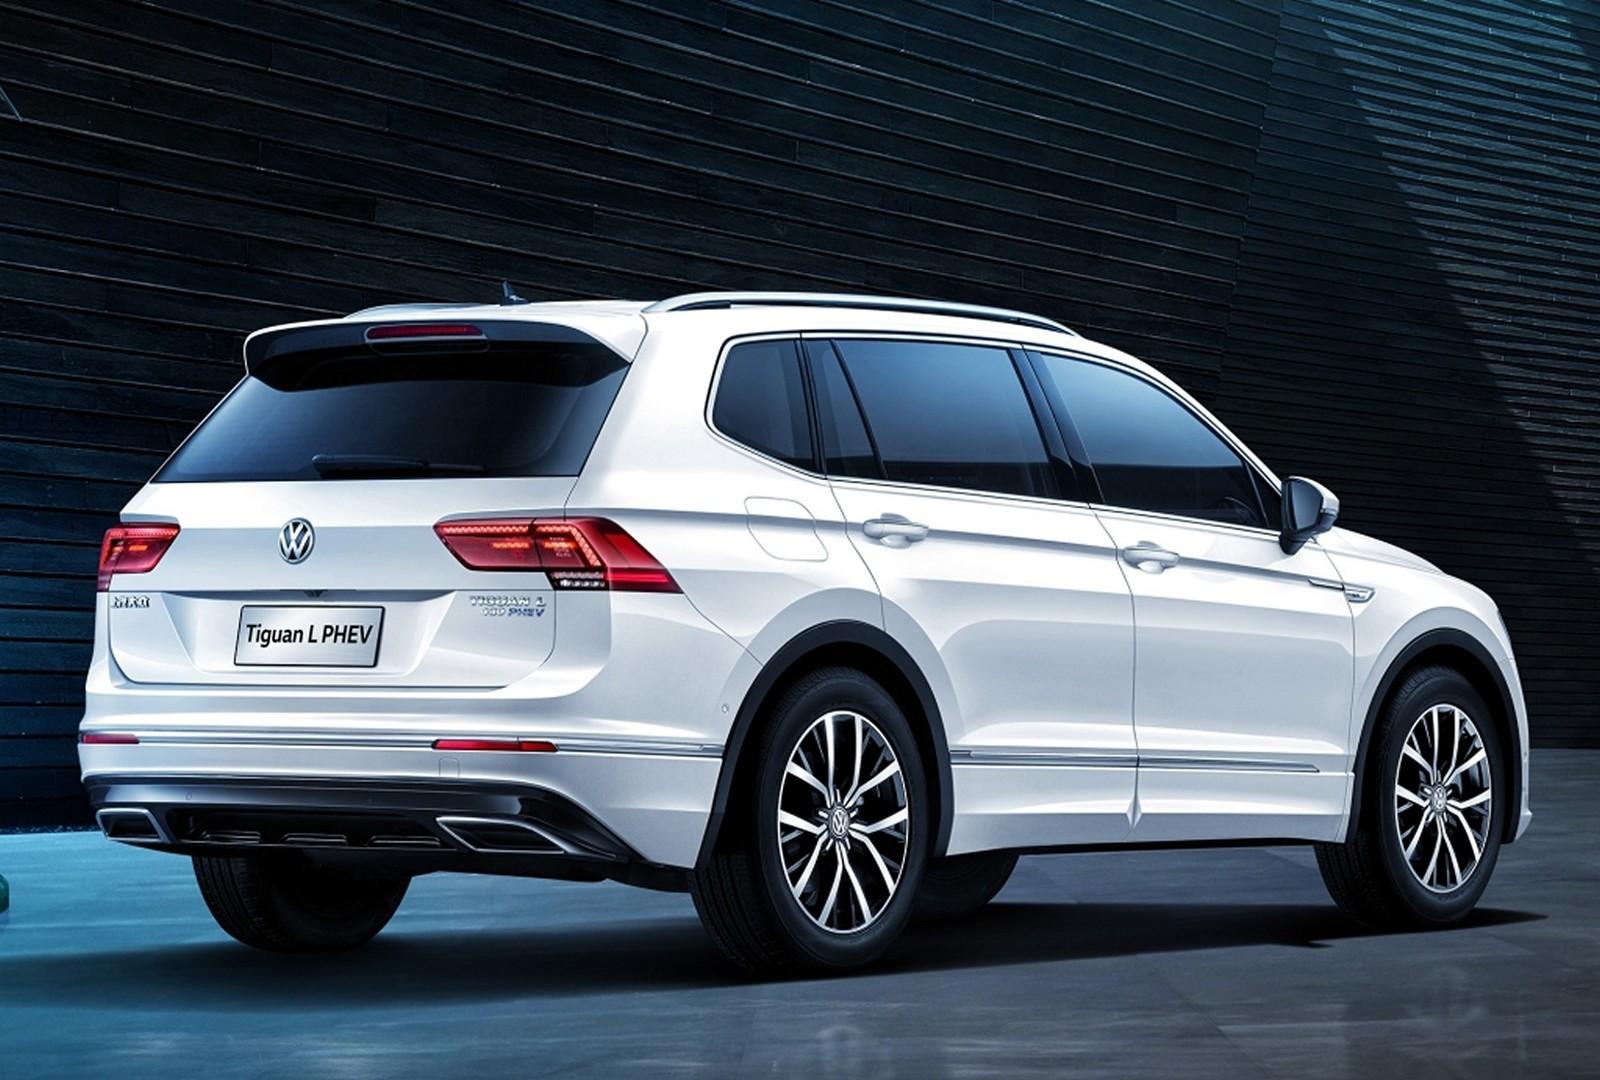 Volkswagen_Tiguan_PHEV_0006